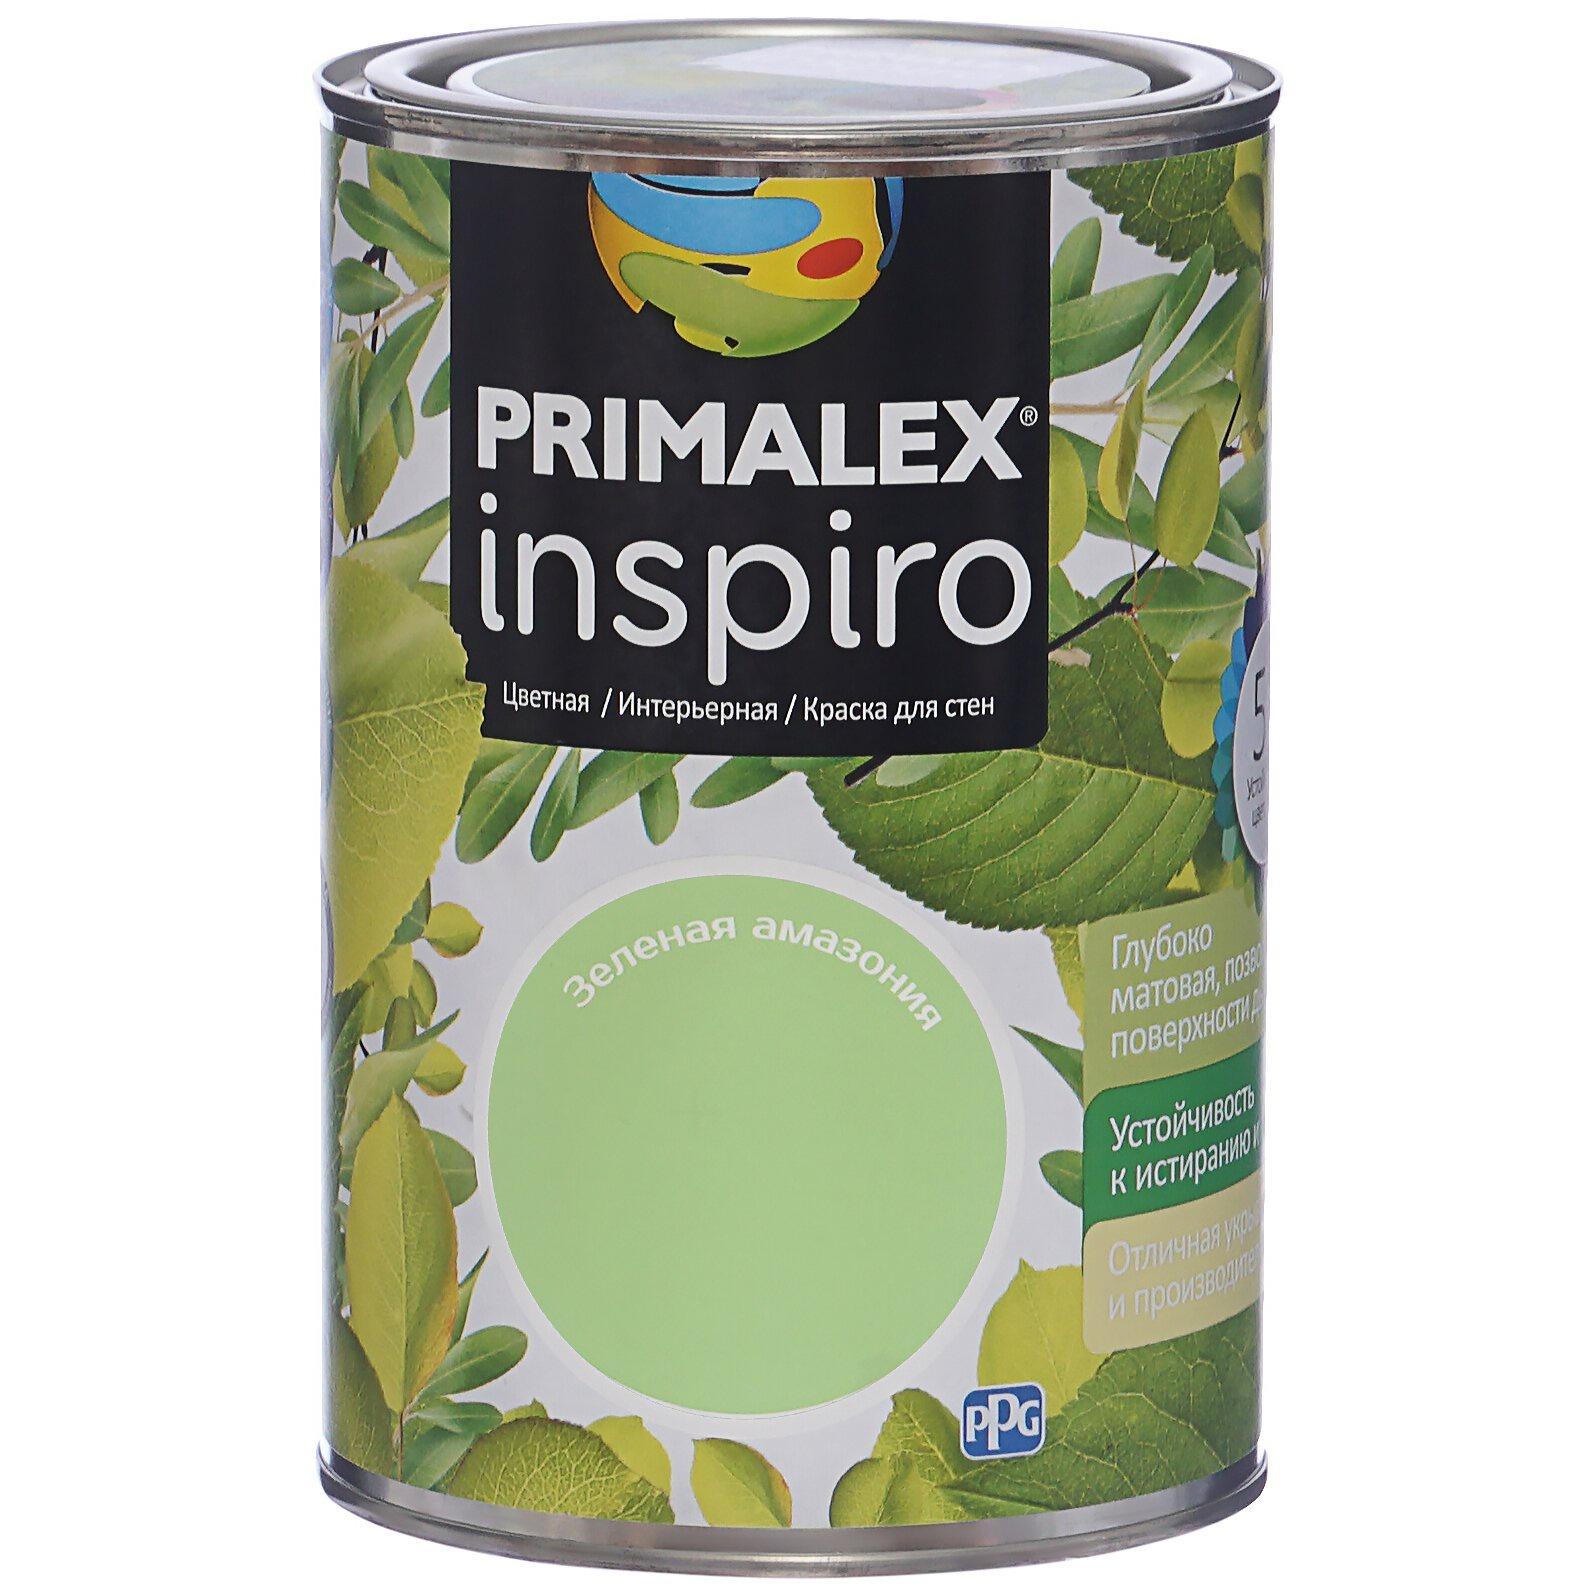 Краска PPG Primalex Inspiro Зеленая Амазония 1л, 420158 амазония